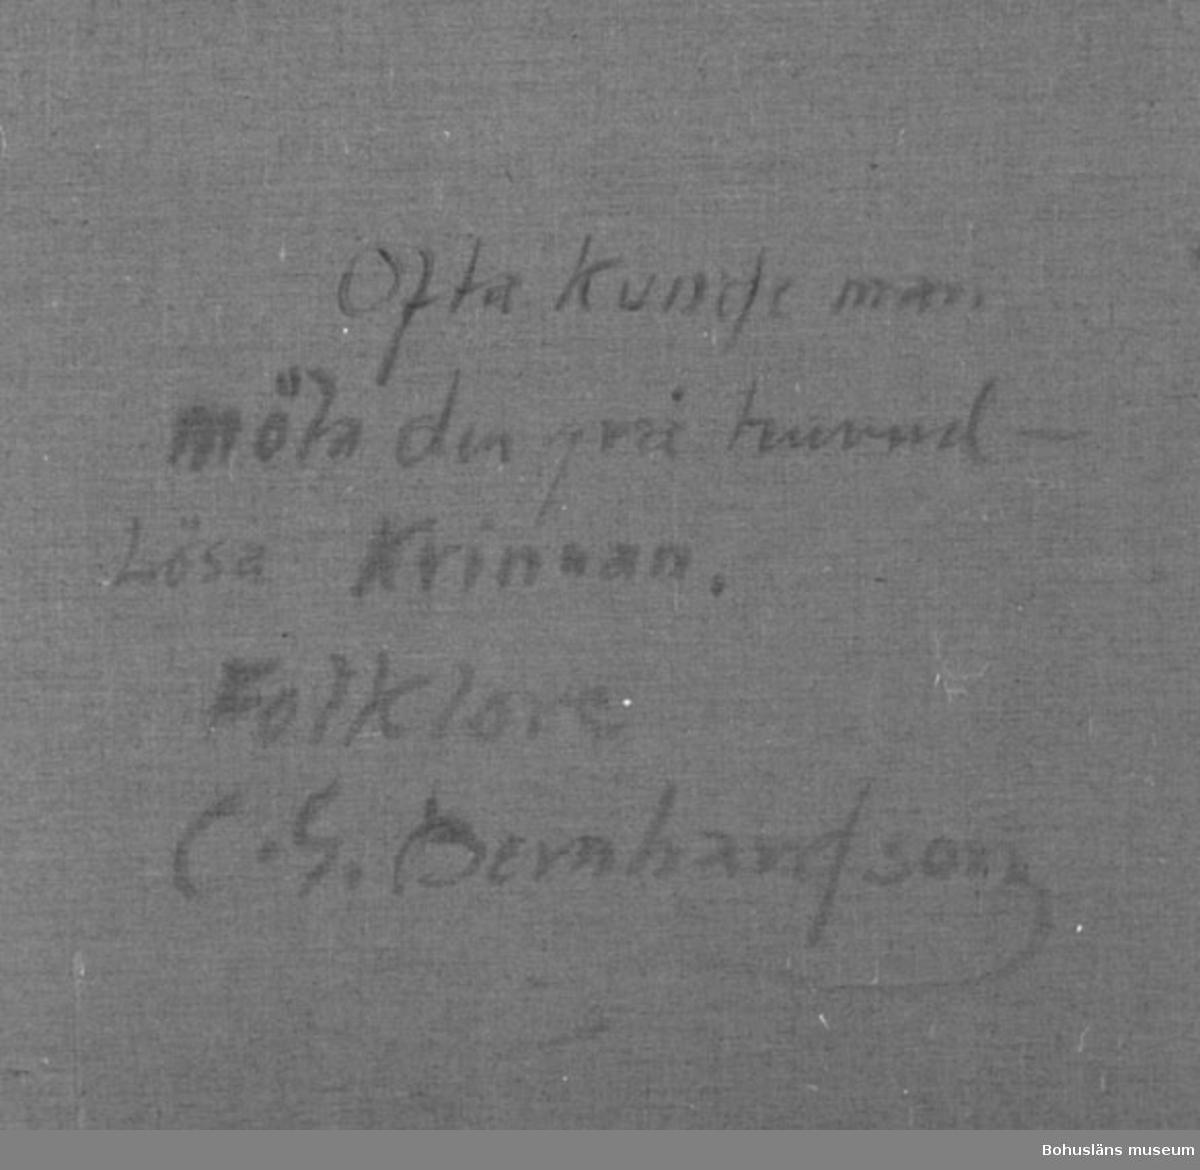 """Baksidestext: """"Ofta Kunde man möta den grå huvudlösa Kvinnan. Folklore C.G. Bernhardson.""""  Litteratur: Bernhardson, C.G.: Bohuslänska kustbor, Uddevalla, 1983, s. 68.  Titel i boken: Mötet.  Övrig historik; se CGB001."""